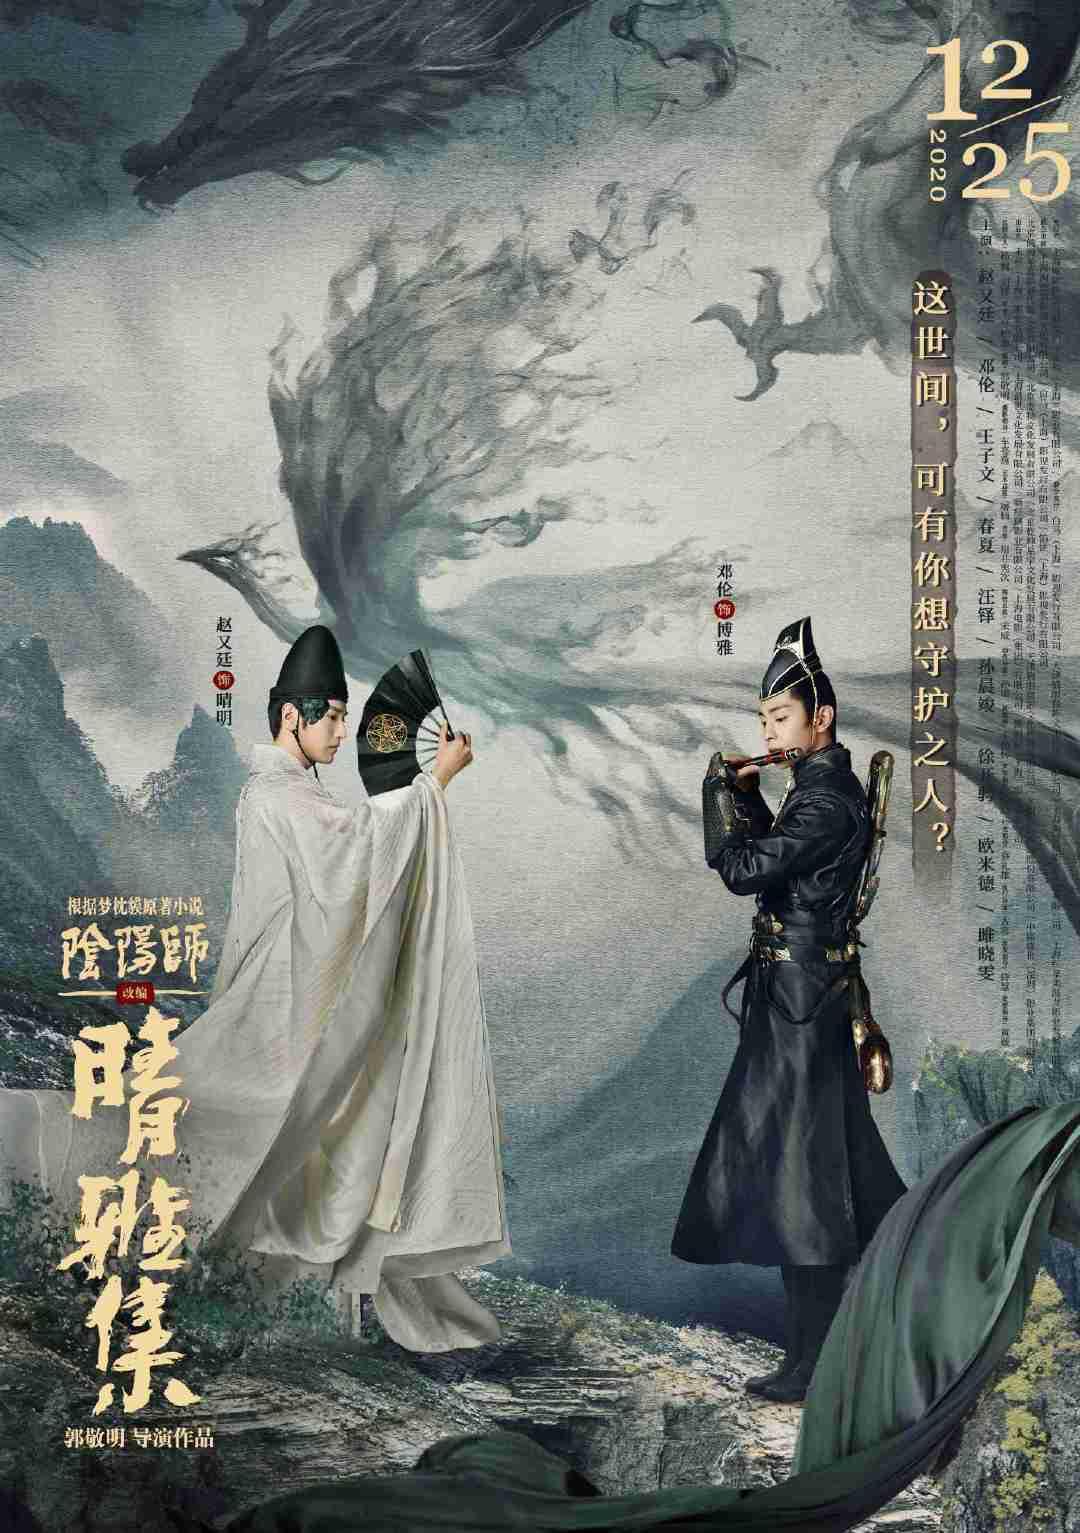 《晴雅集》关系海报曝光 赵又廷邓伦携手斩妖除孽